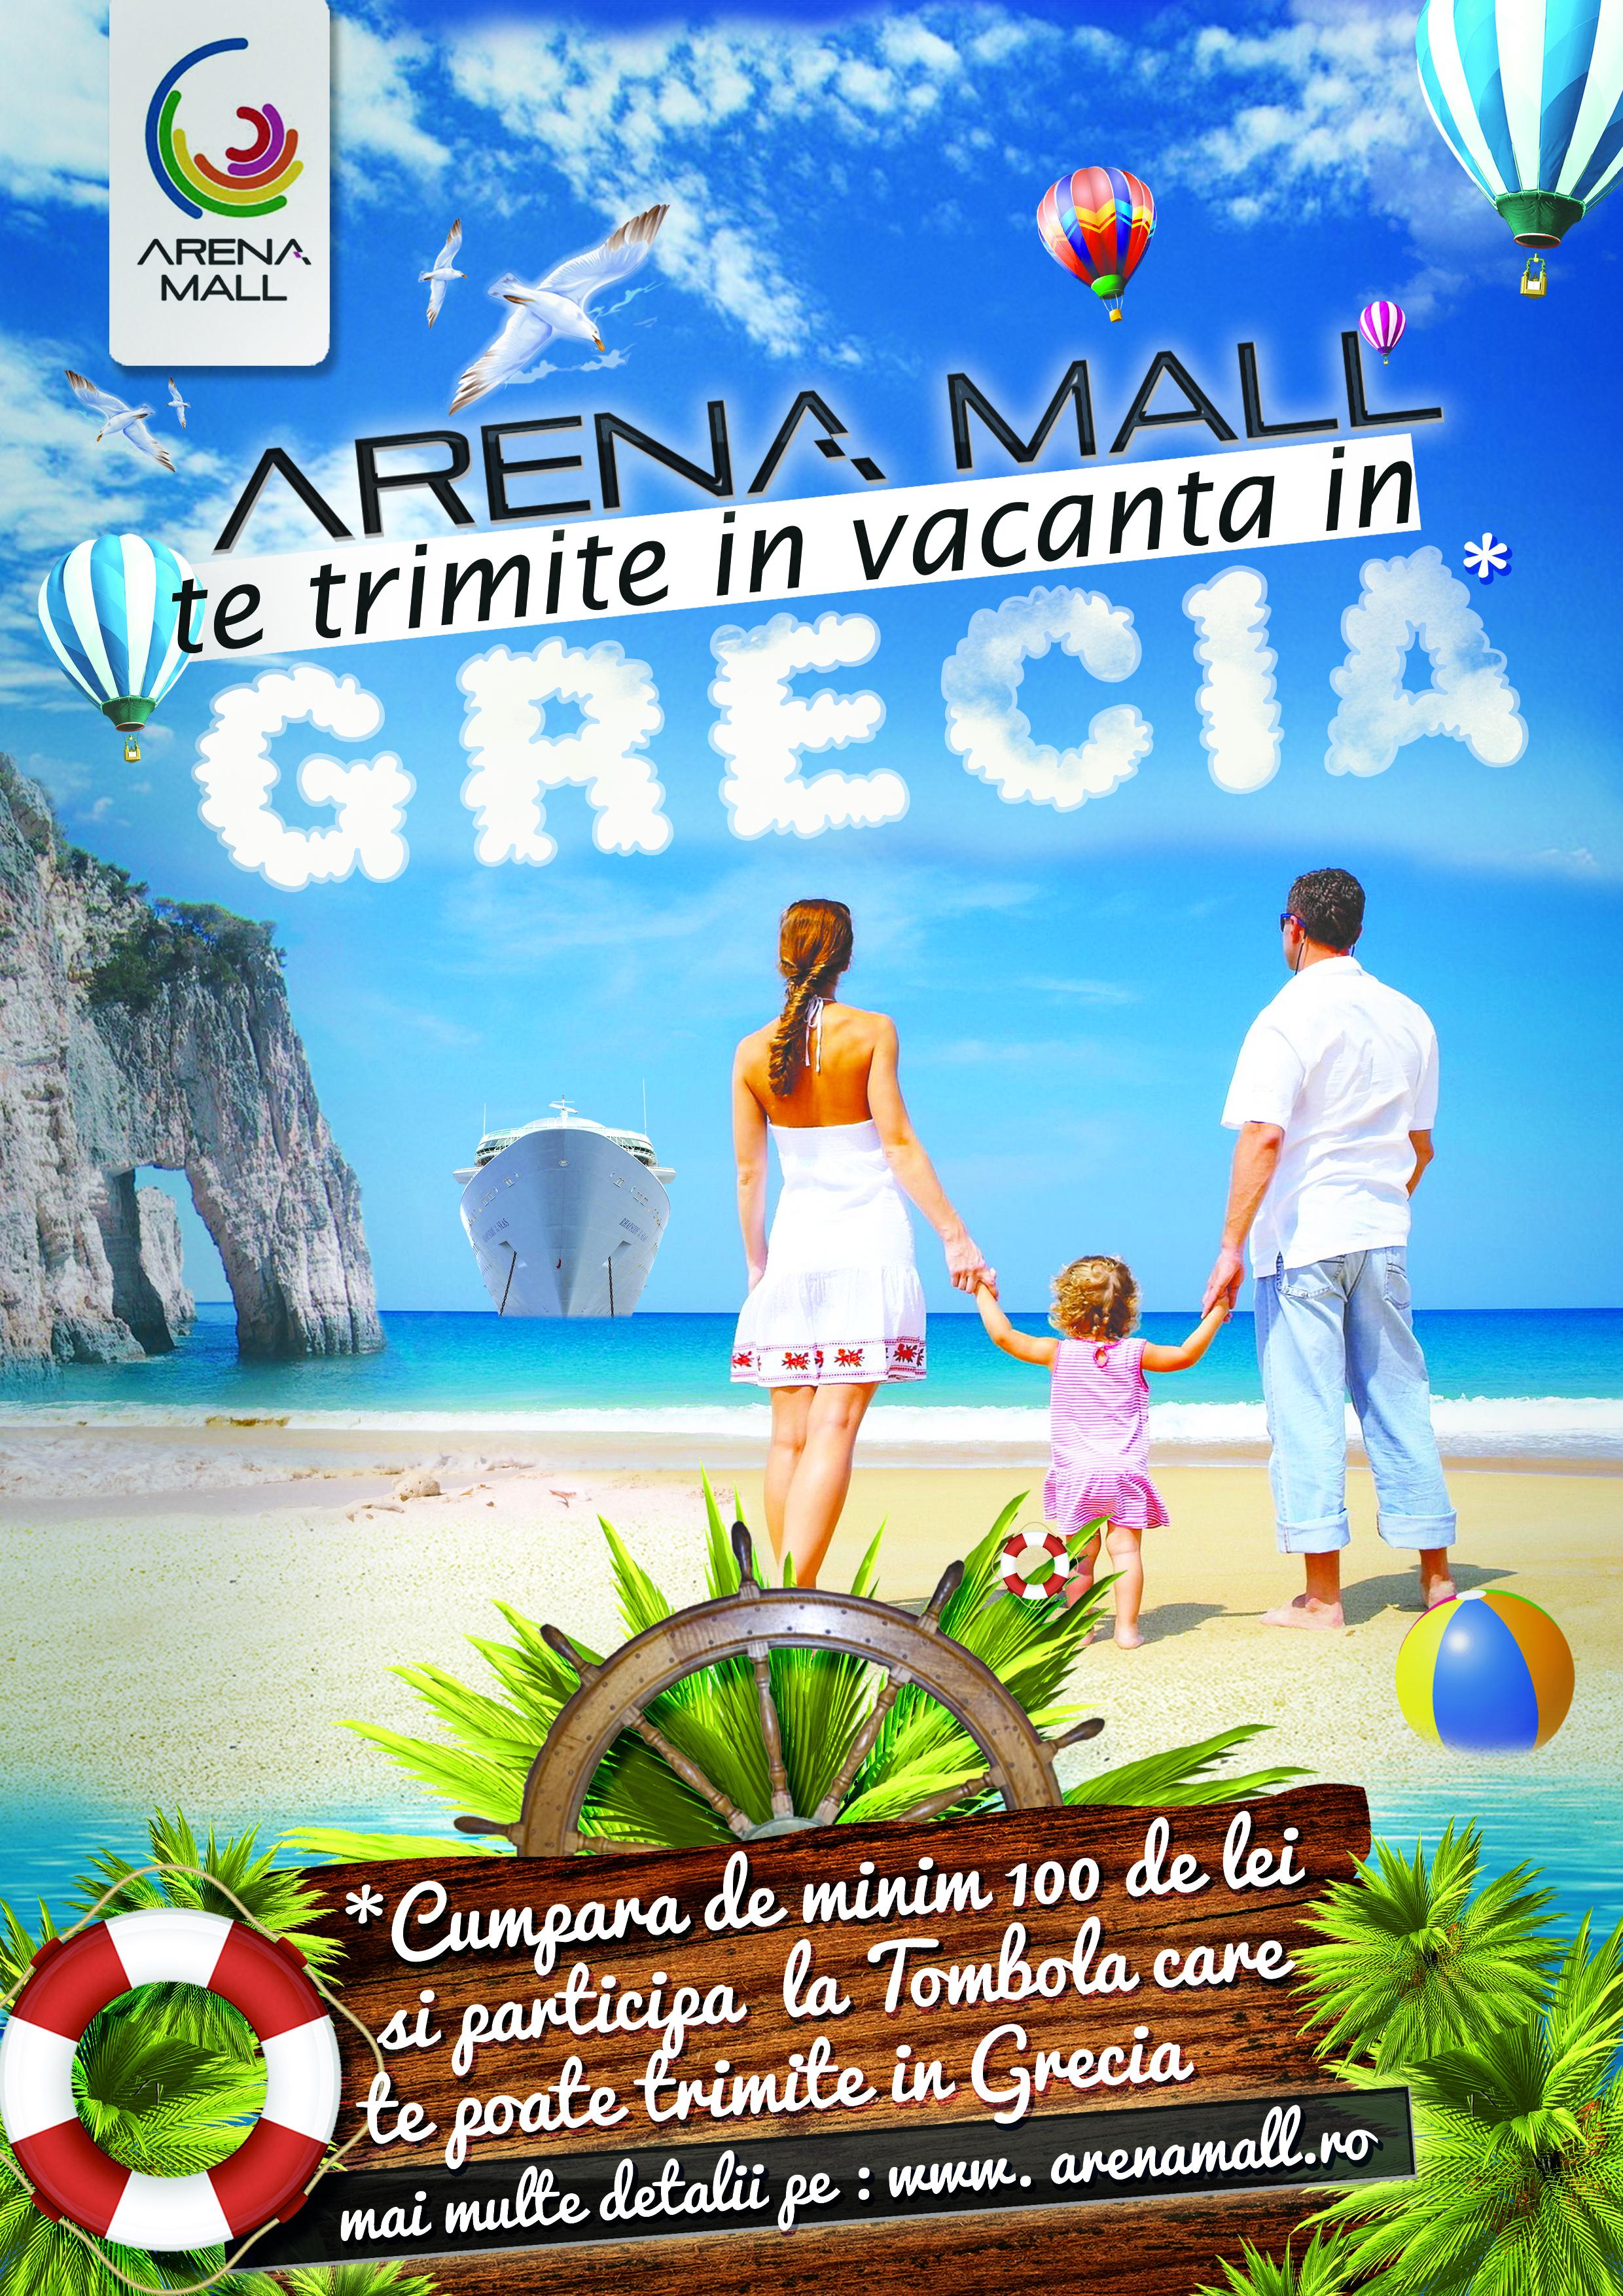 ARENA MALL TE TRIMITE IN VACANTA IN GRECIA